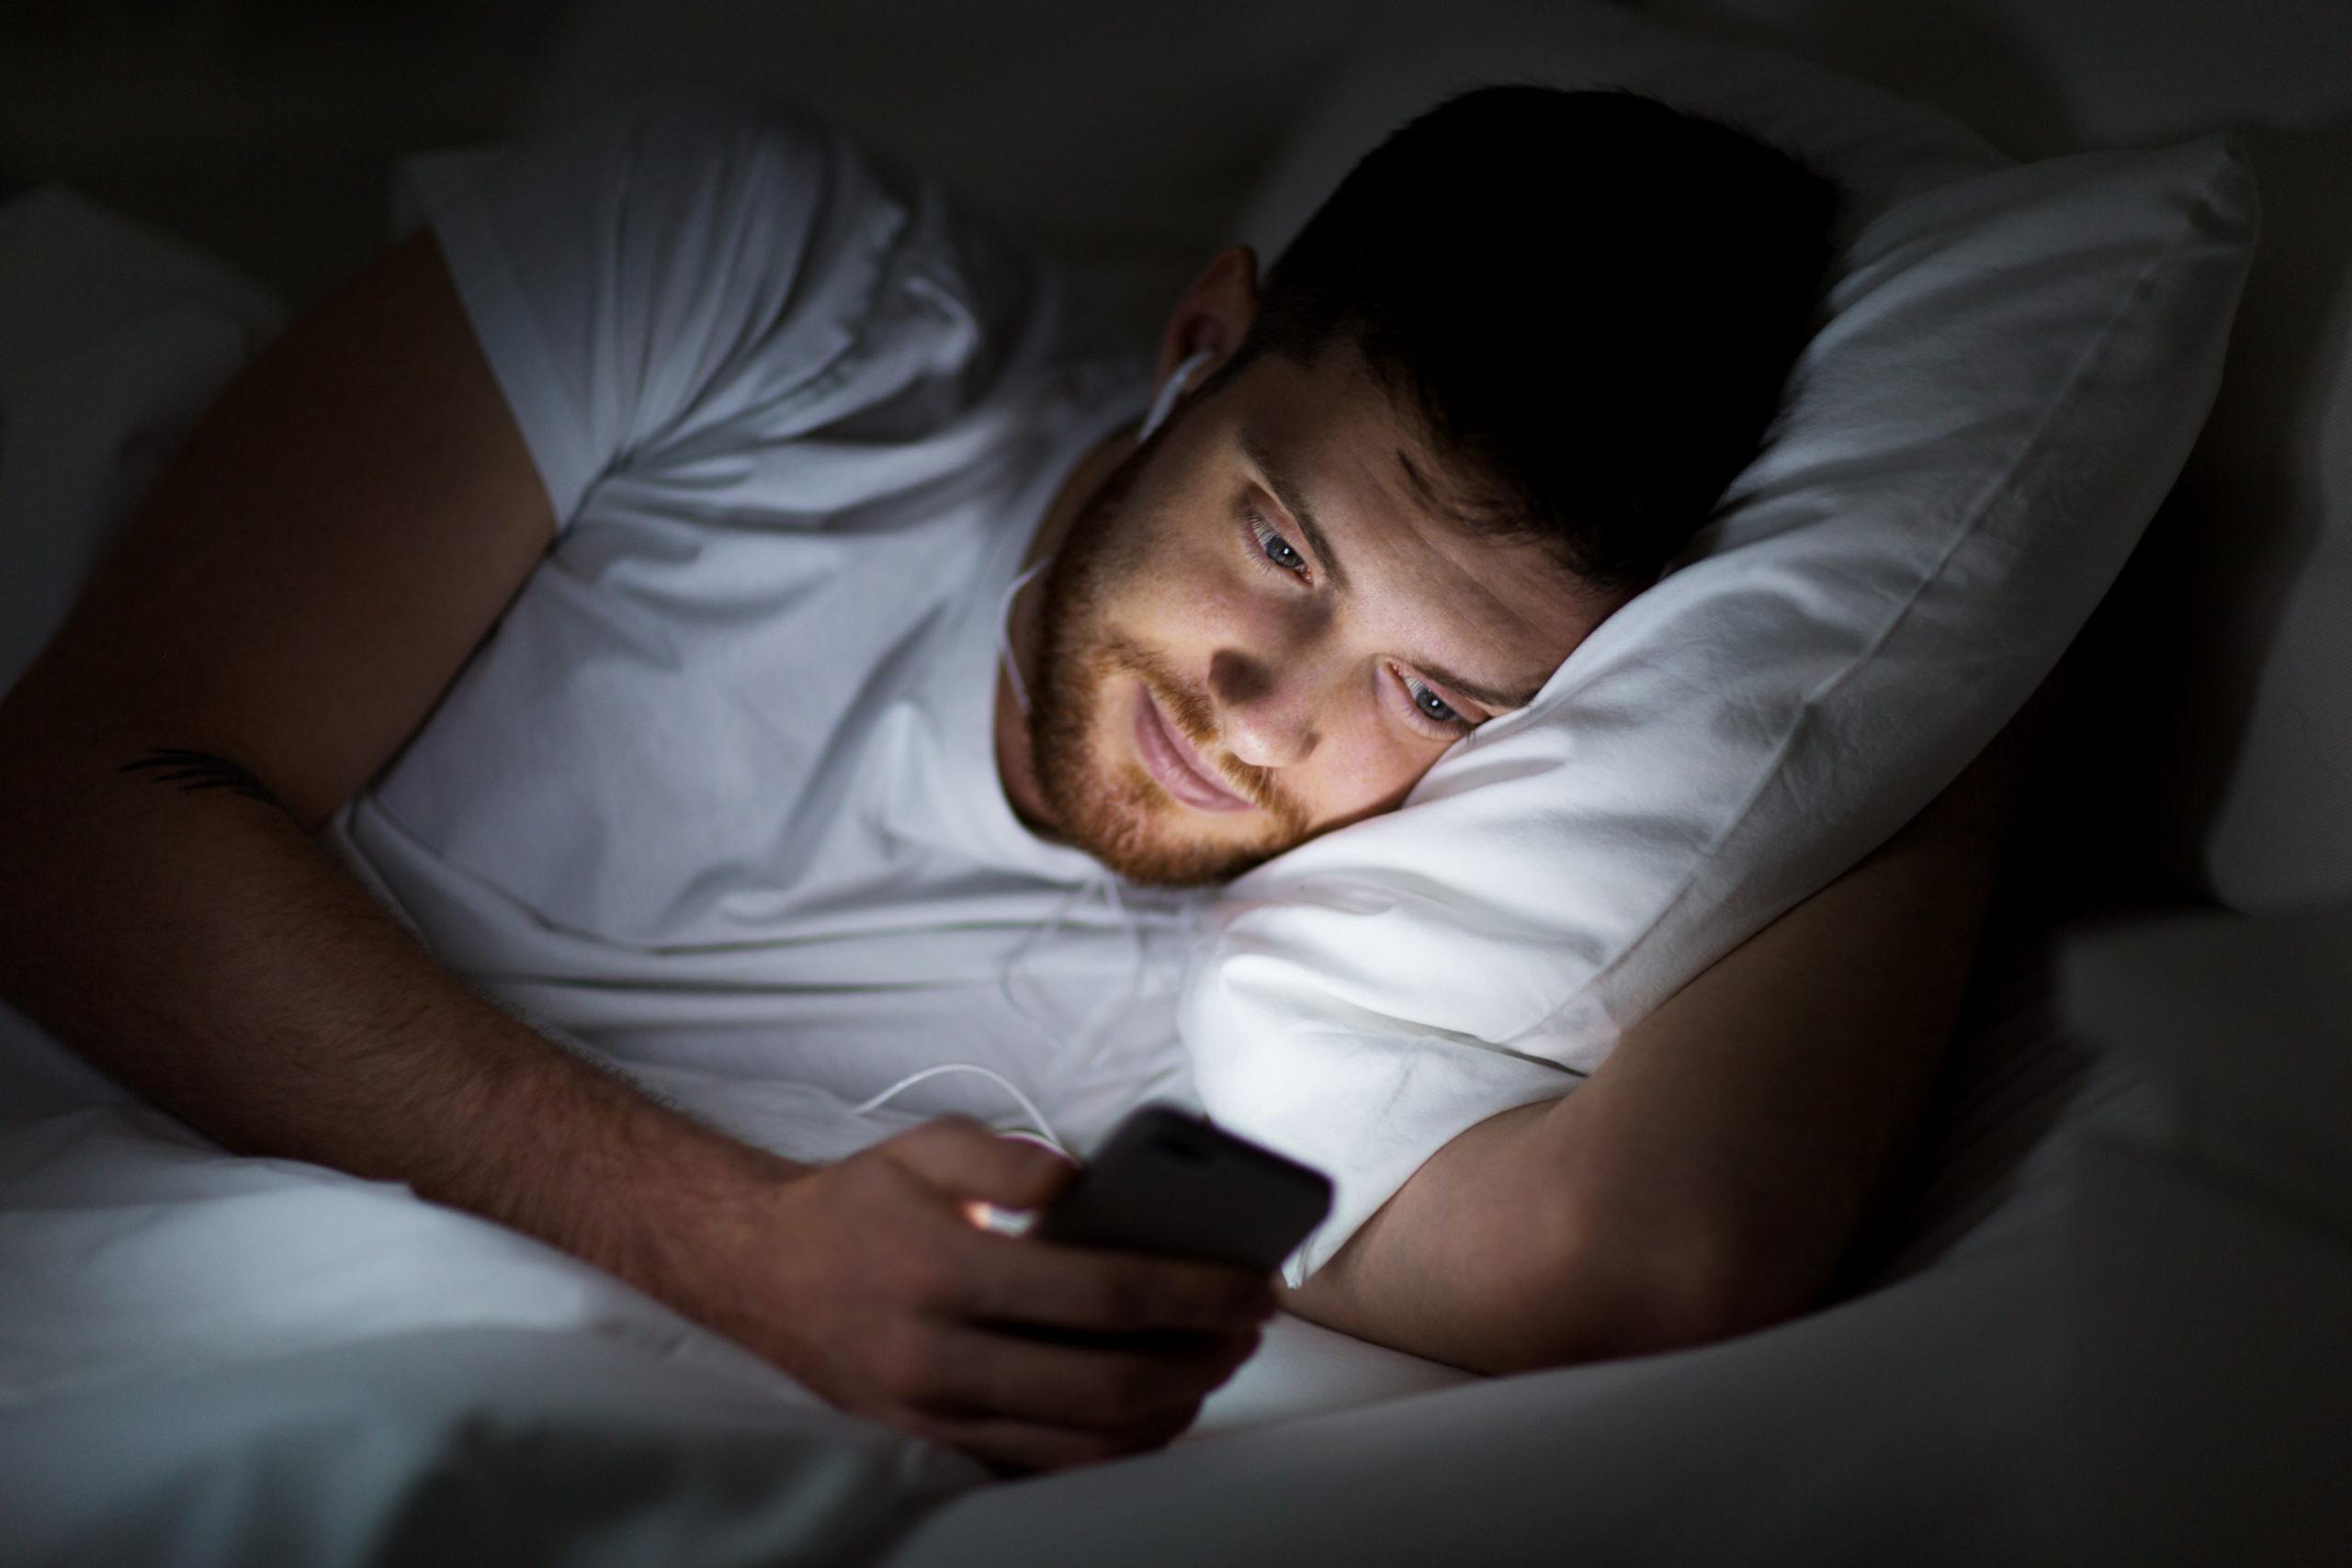 Mann mit Smartphone im Bett nachts